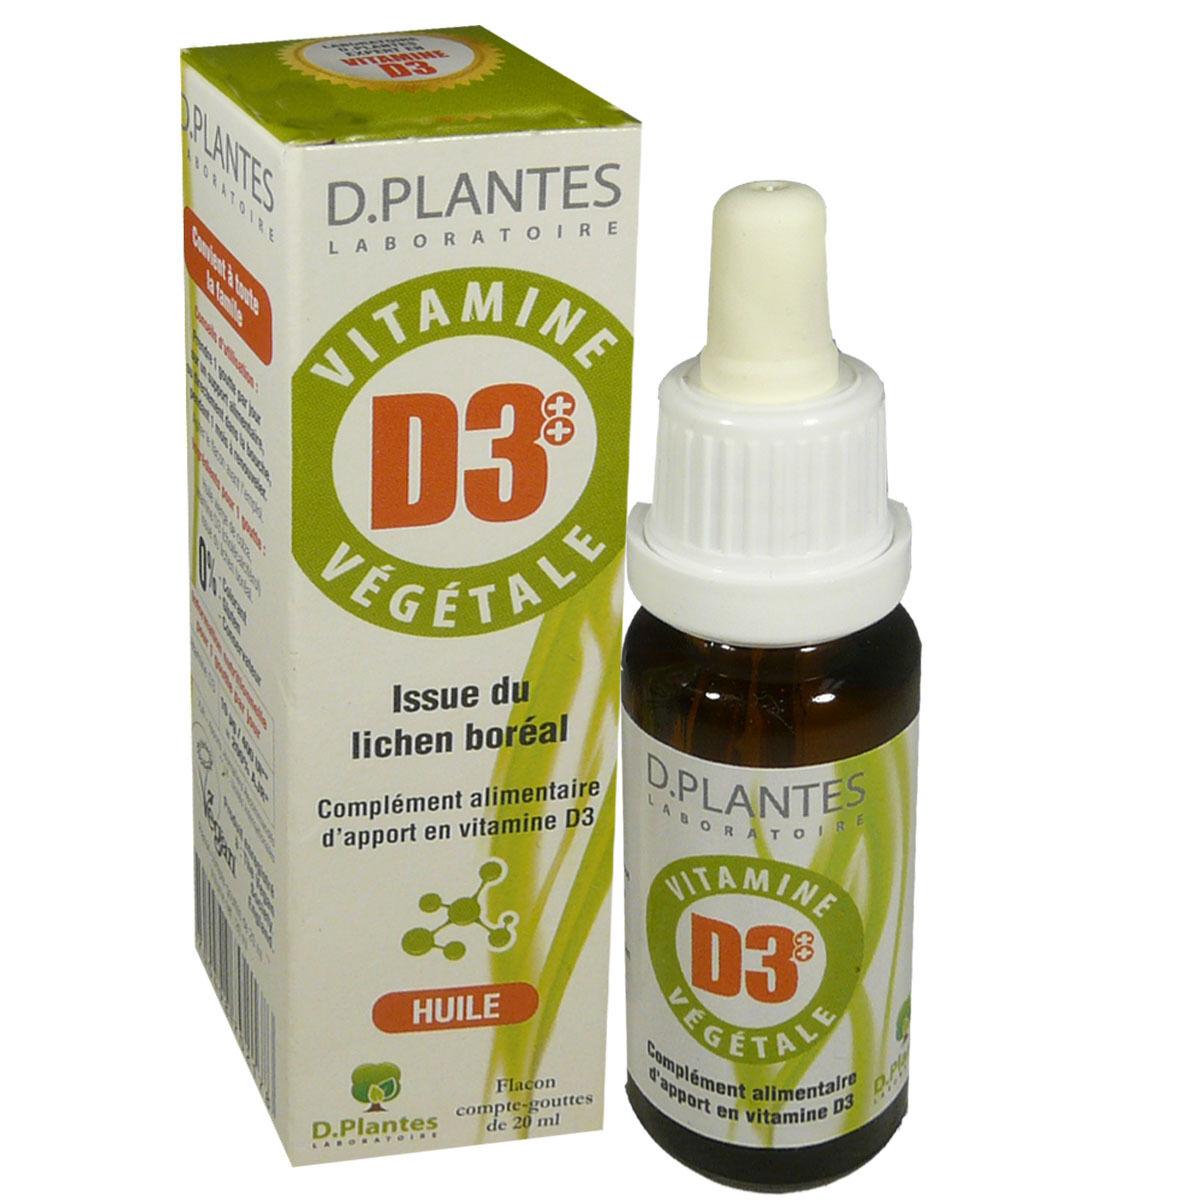 D. PLANTES Vitamine vegetale vitamines d3 huile 20 ml